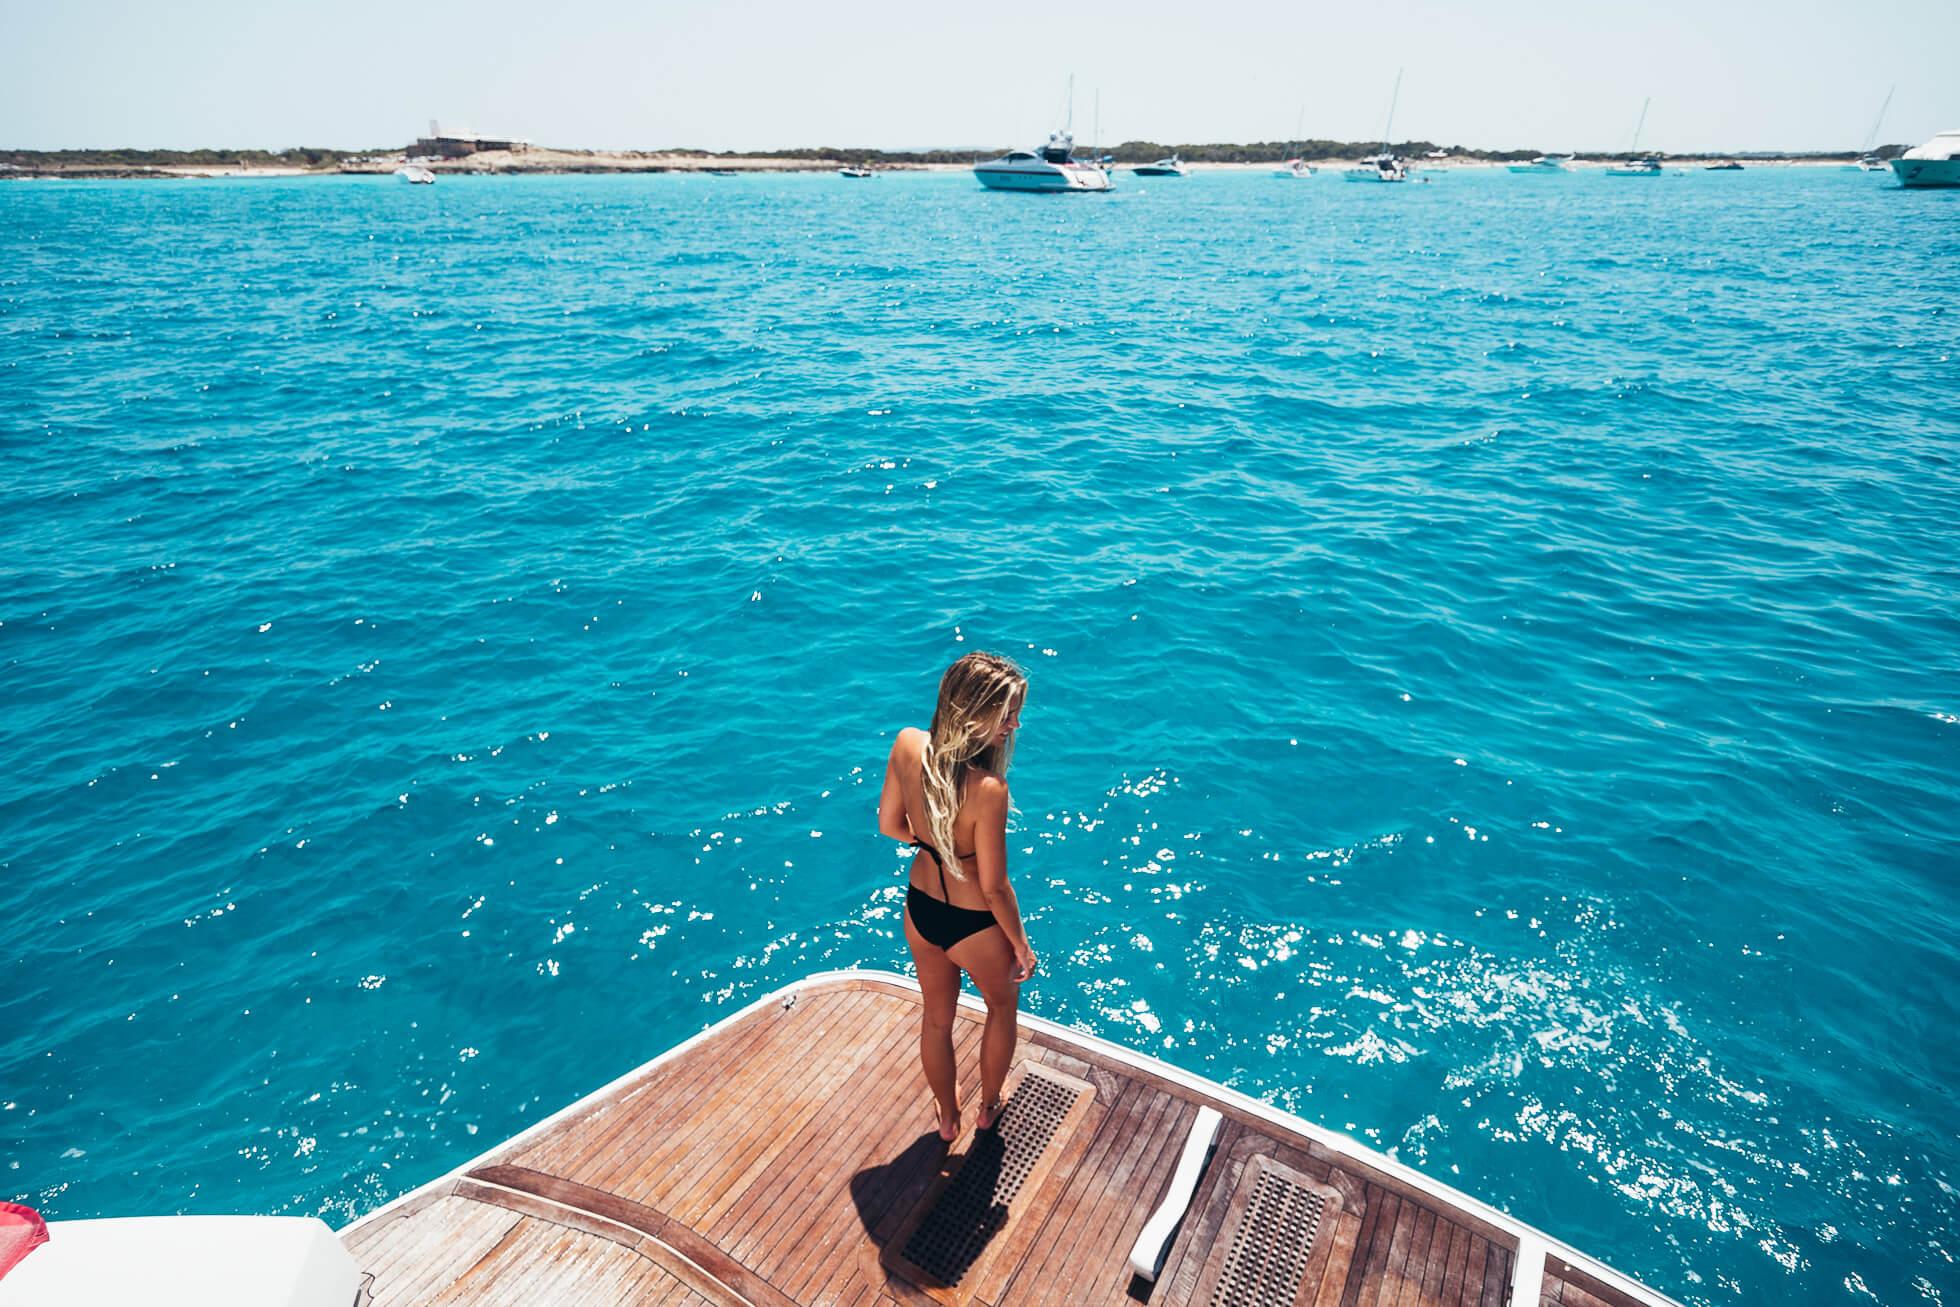 janni-deler-paradiseJ1100797